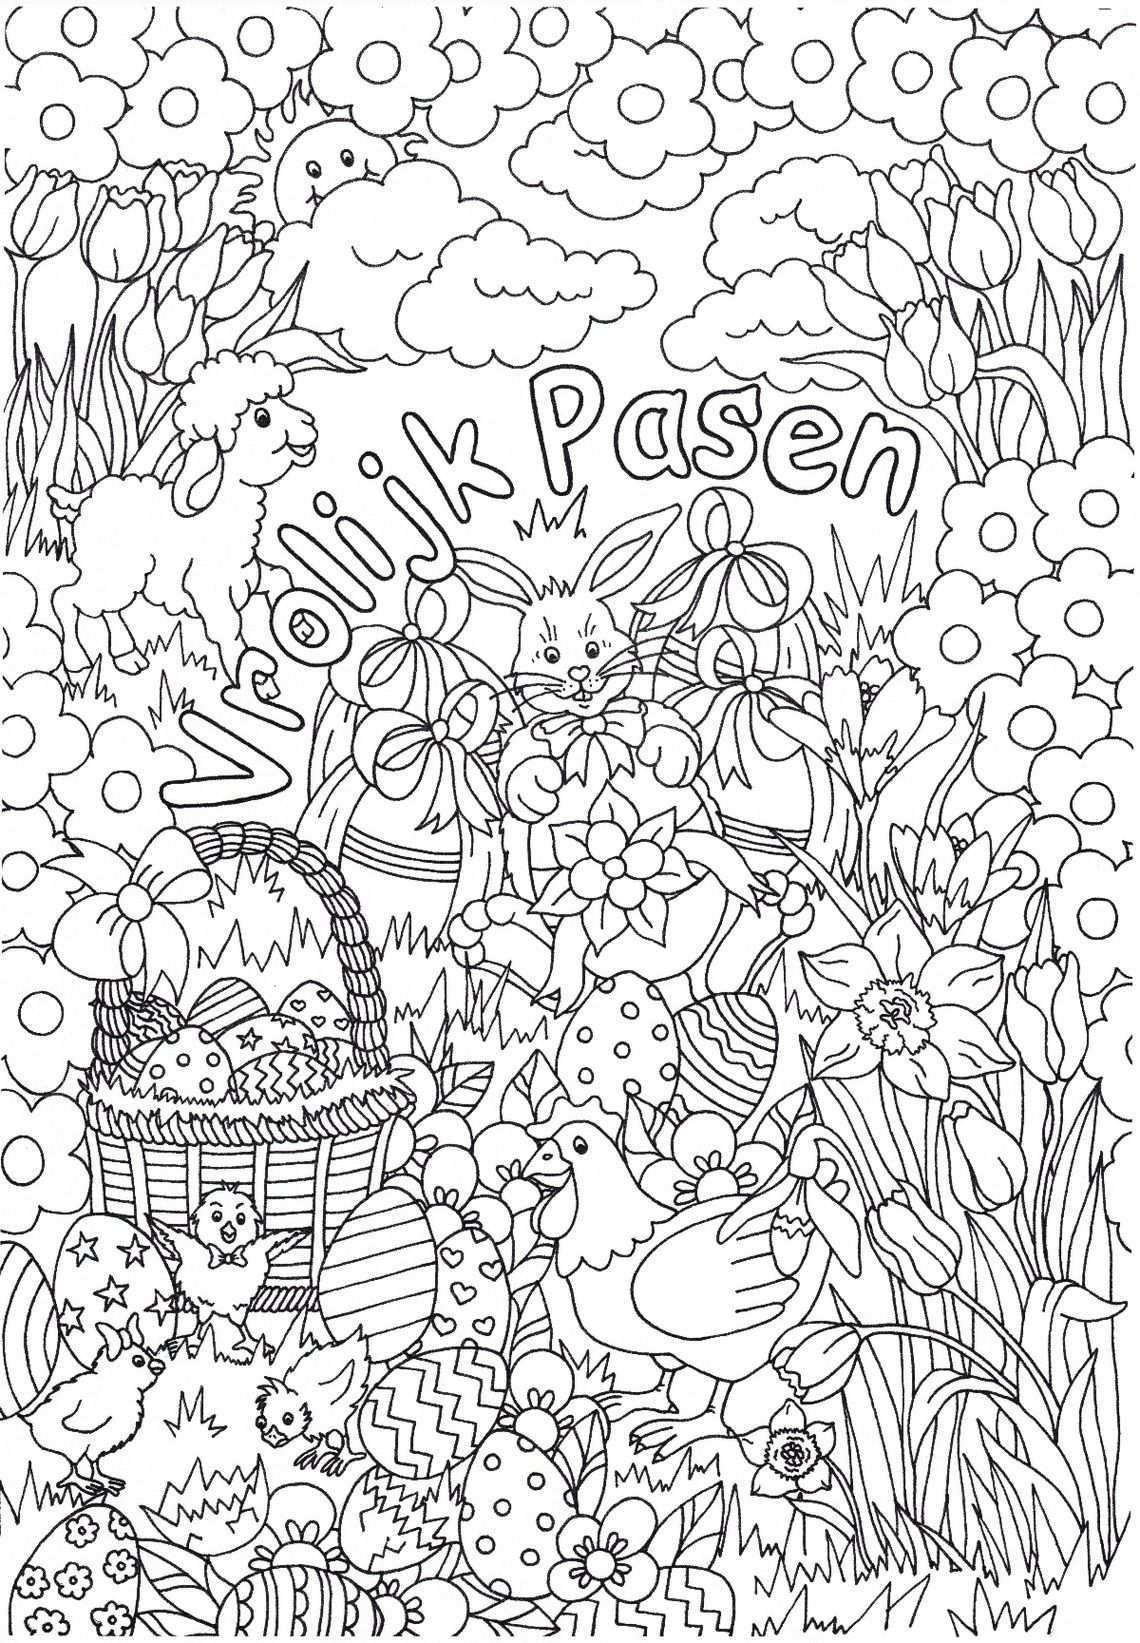 2 Prachtige Pasen Kleurplaten Van Suzanne Amels Kleurplaat Pasen Kinderen Kleurplaat Kinderen Pasen Kleurboek Zwart En Witte Achtergrond Pasen